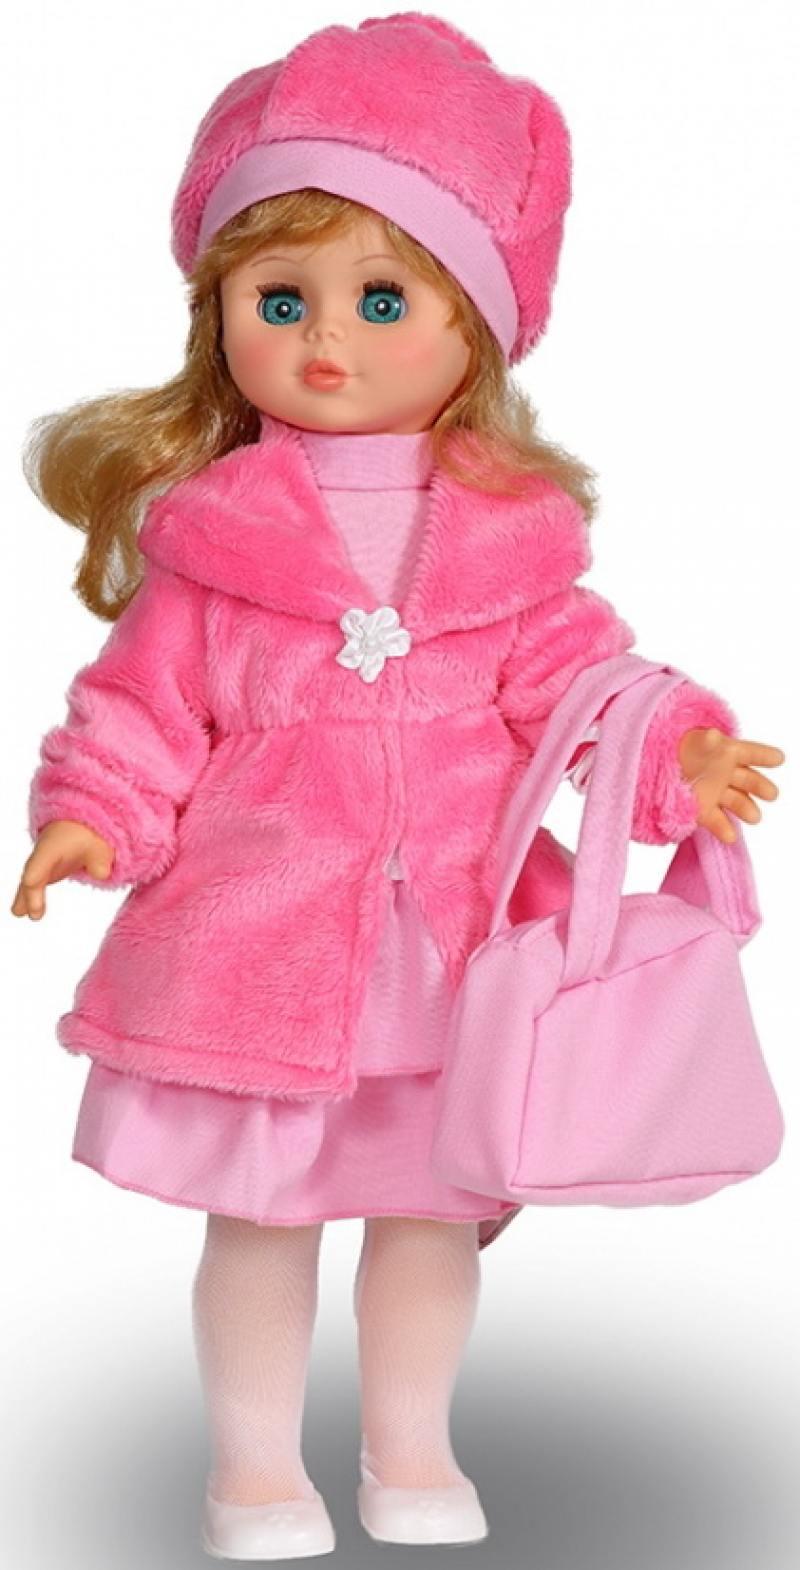 купить Кукла ВЕСНА Оля 1 (озвученная) В1955/о по цене 1157 рублей